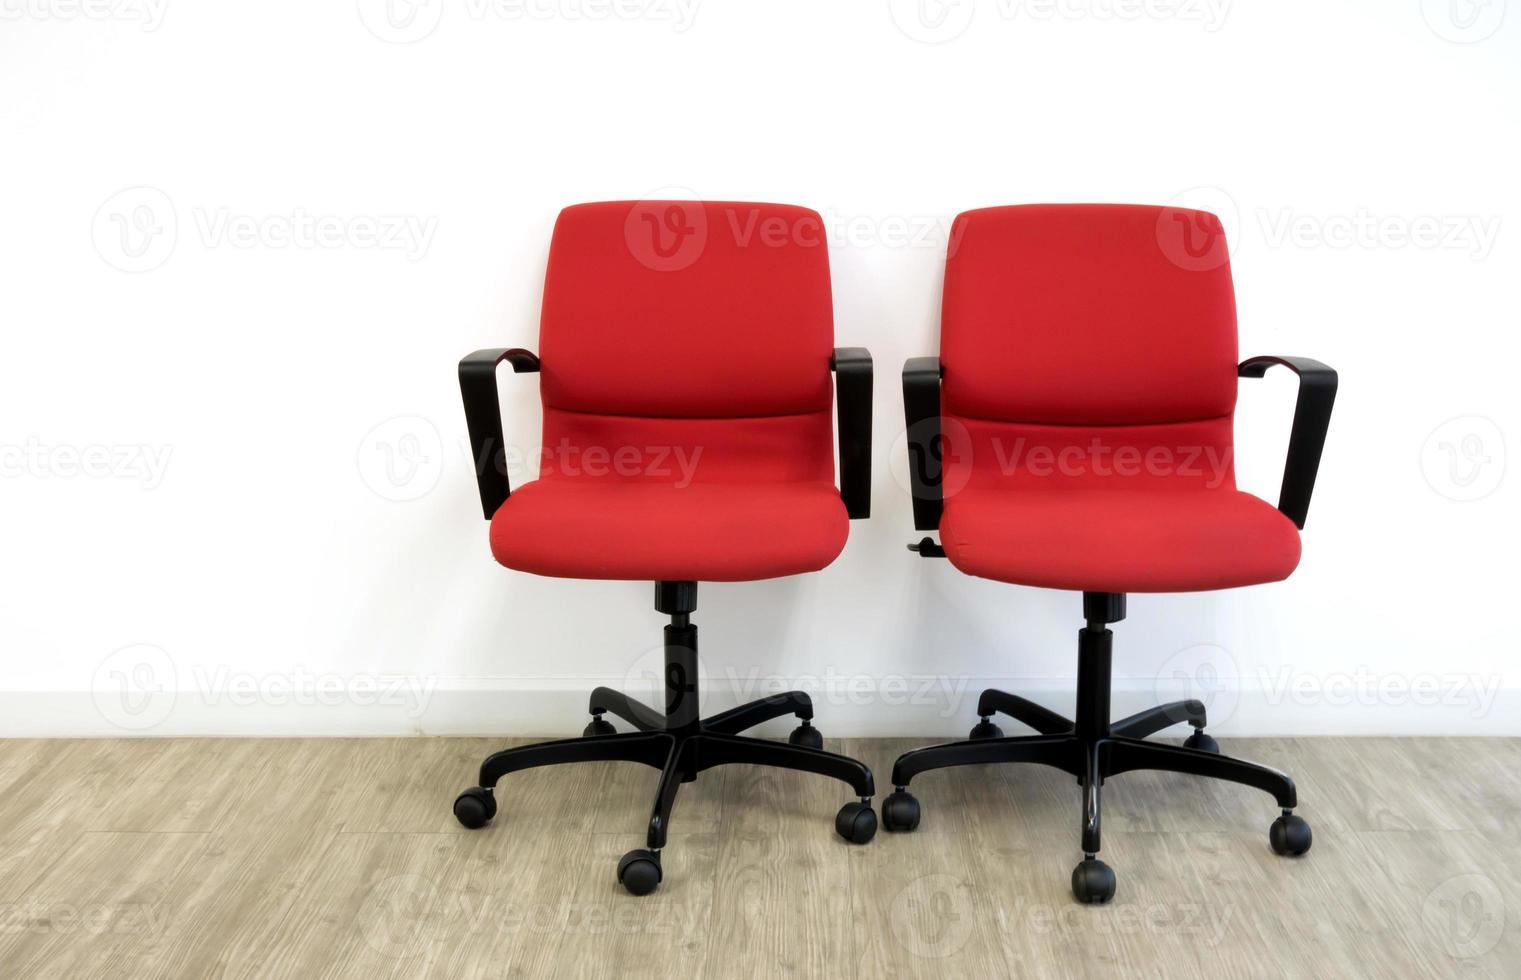 deux chaises rouges au bureau photo